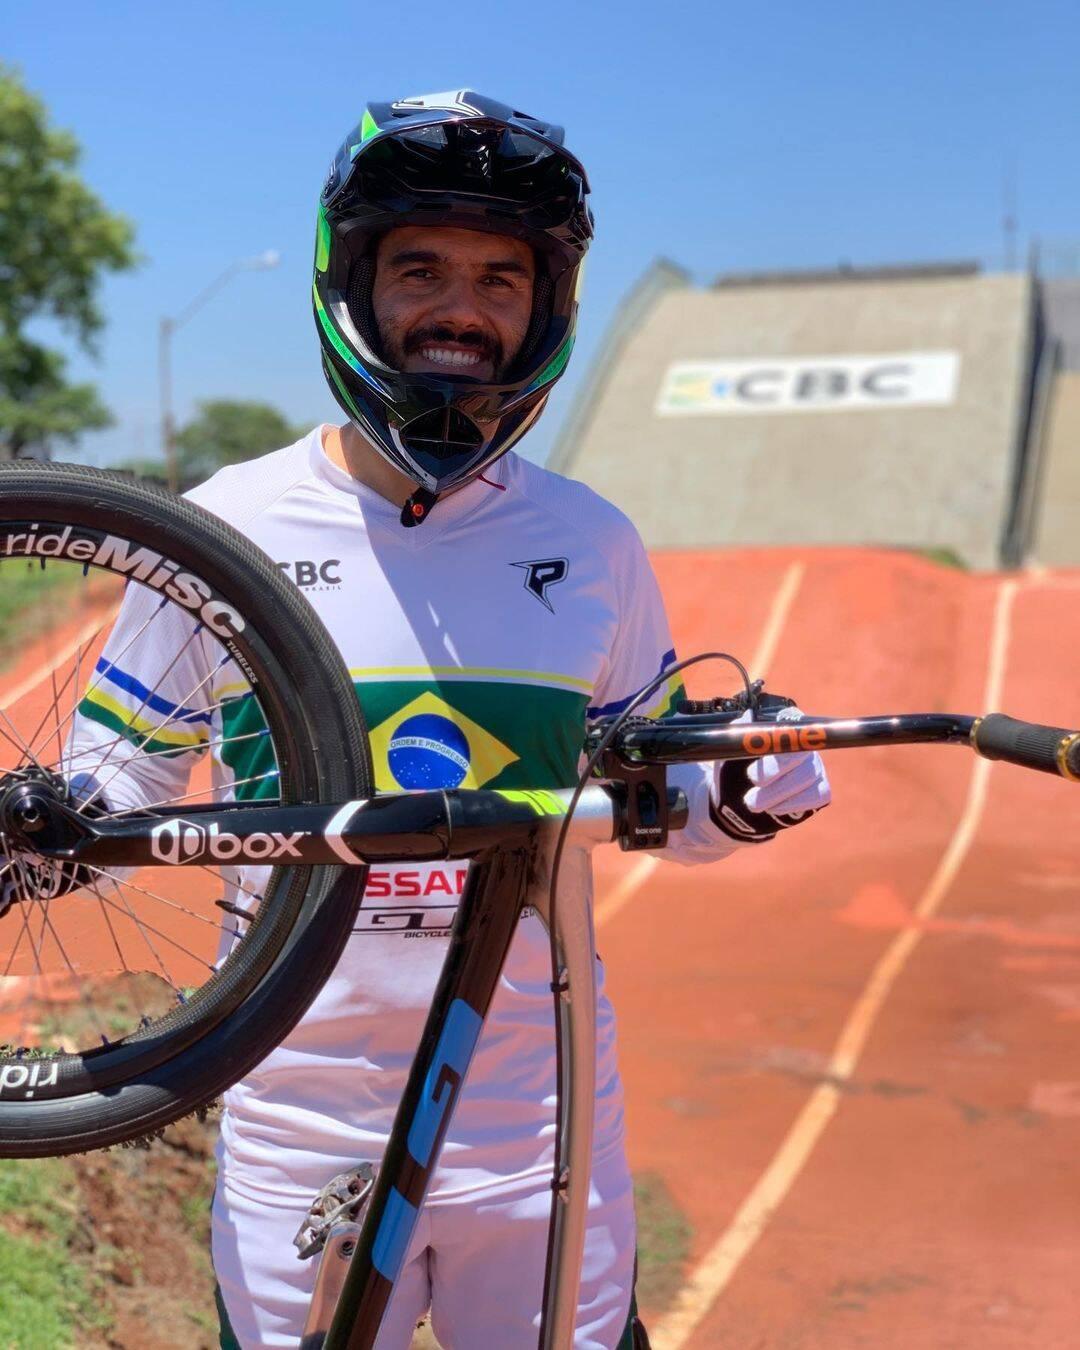 Renato Rezende é uma atleta do Time Nissan que representará o Brasil no ciclismo BMX masculina nos Jogos Olímpicos. (Foto: Instagram)